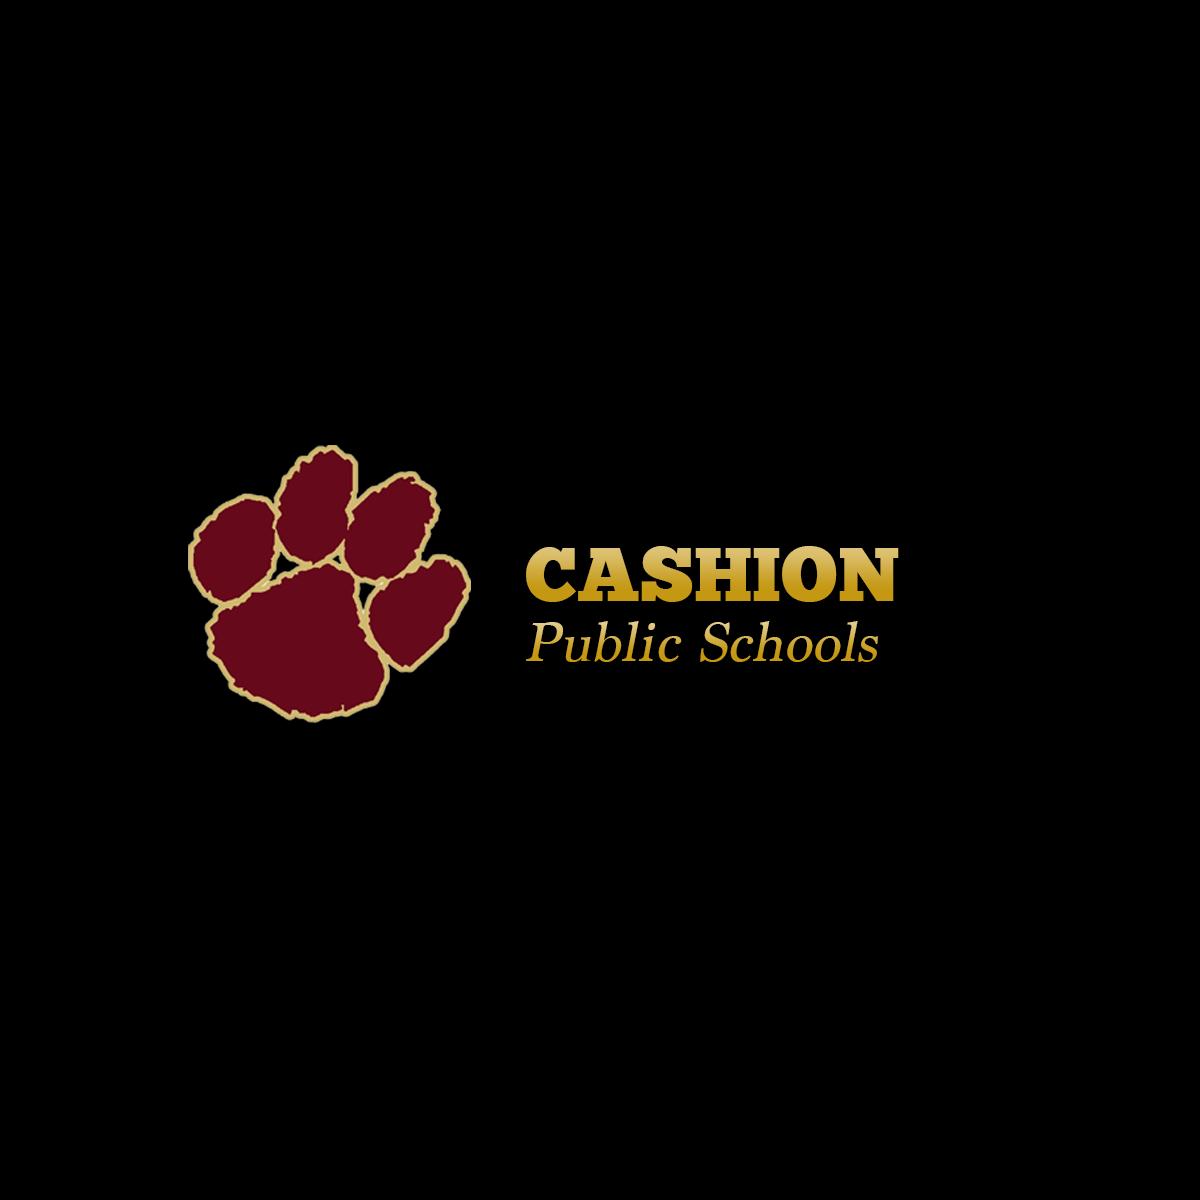 Cashion Public Schools